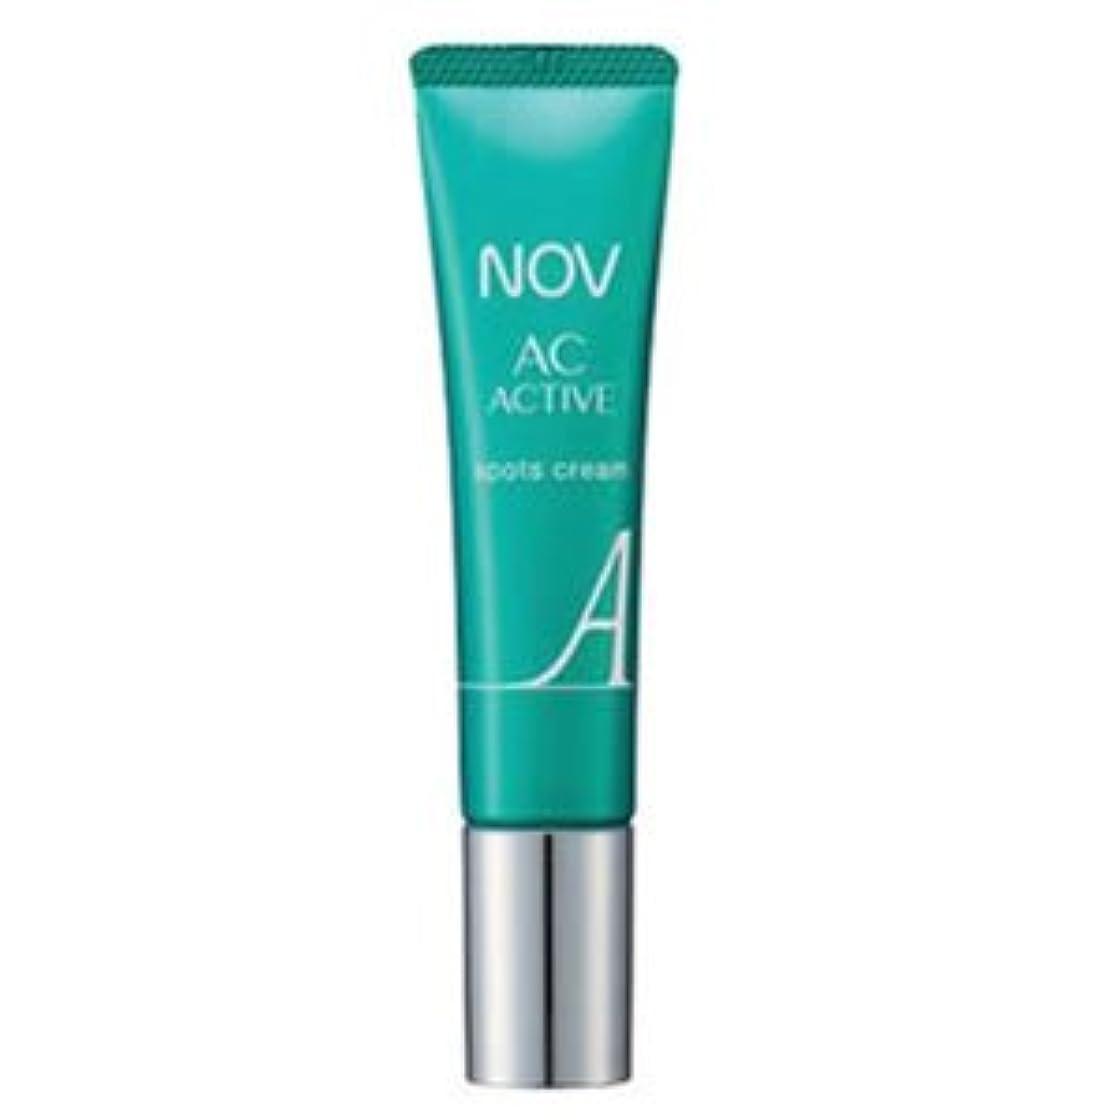 パレード規模大胆なNOV ノブ ACアクティブ スポッツクリーム n 10g 医薬部外品